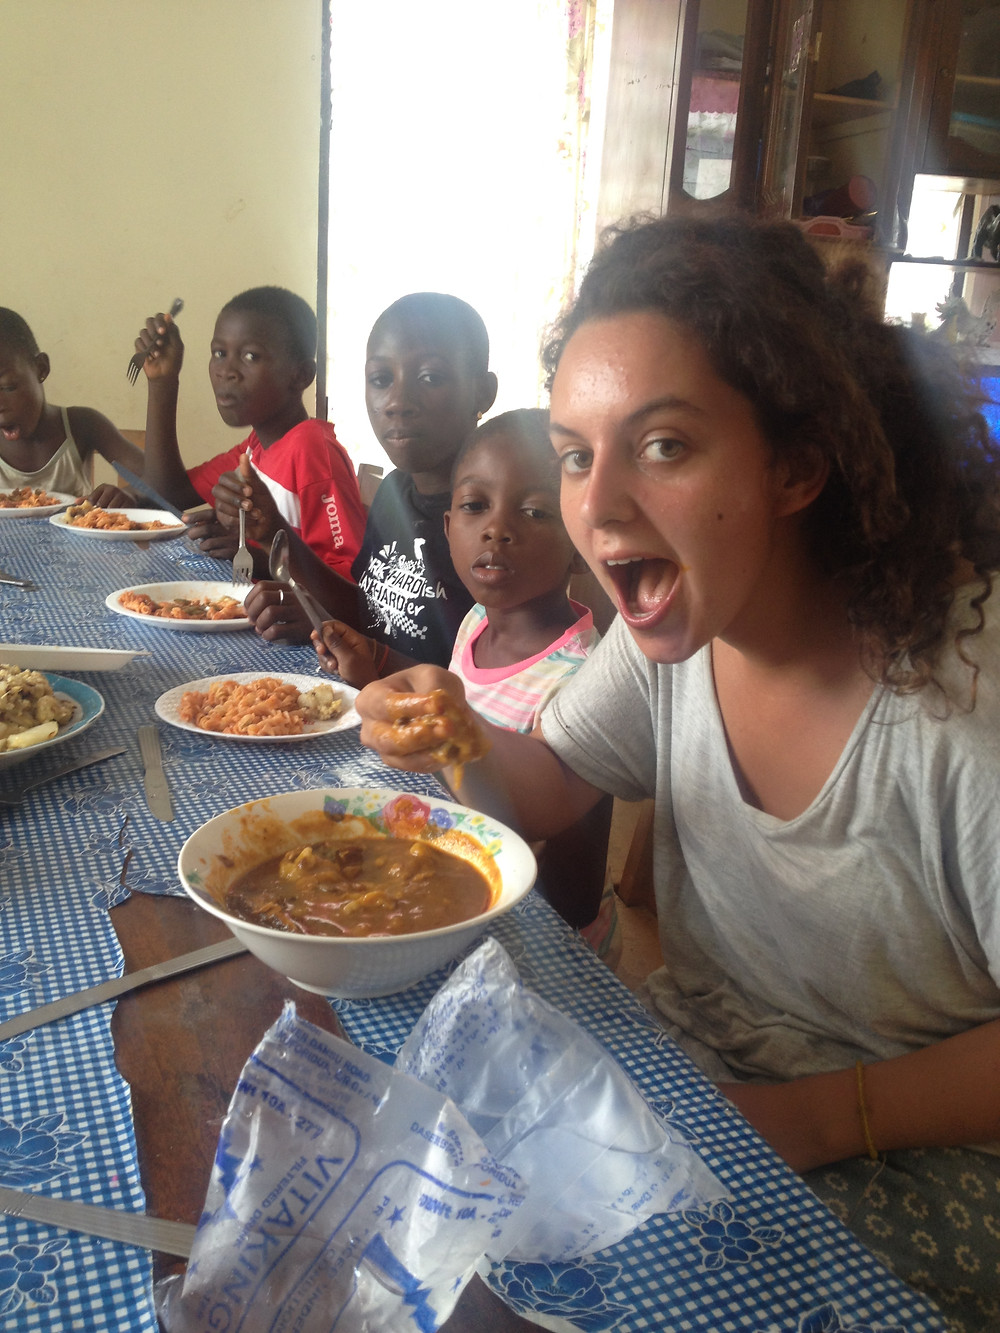 La obruni come banku mientras los niños comen macarrones que desearían cambiar por el banku.